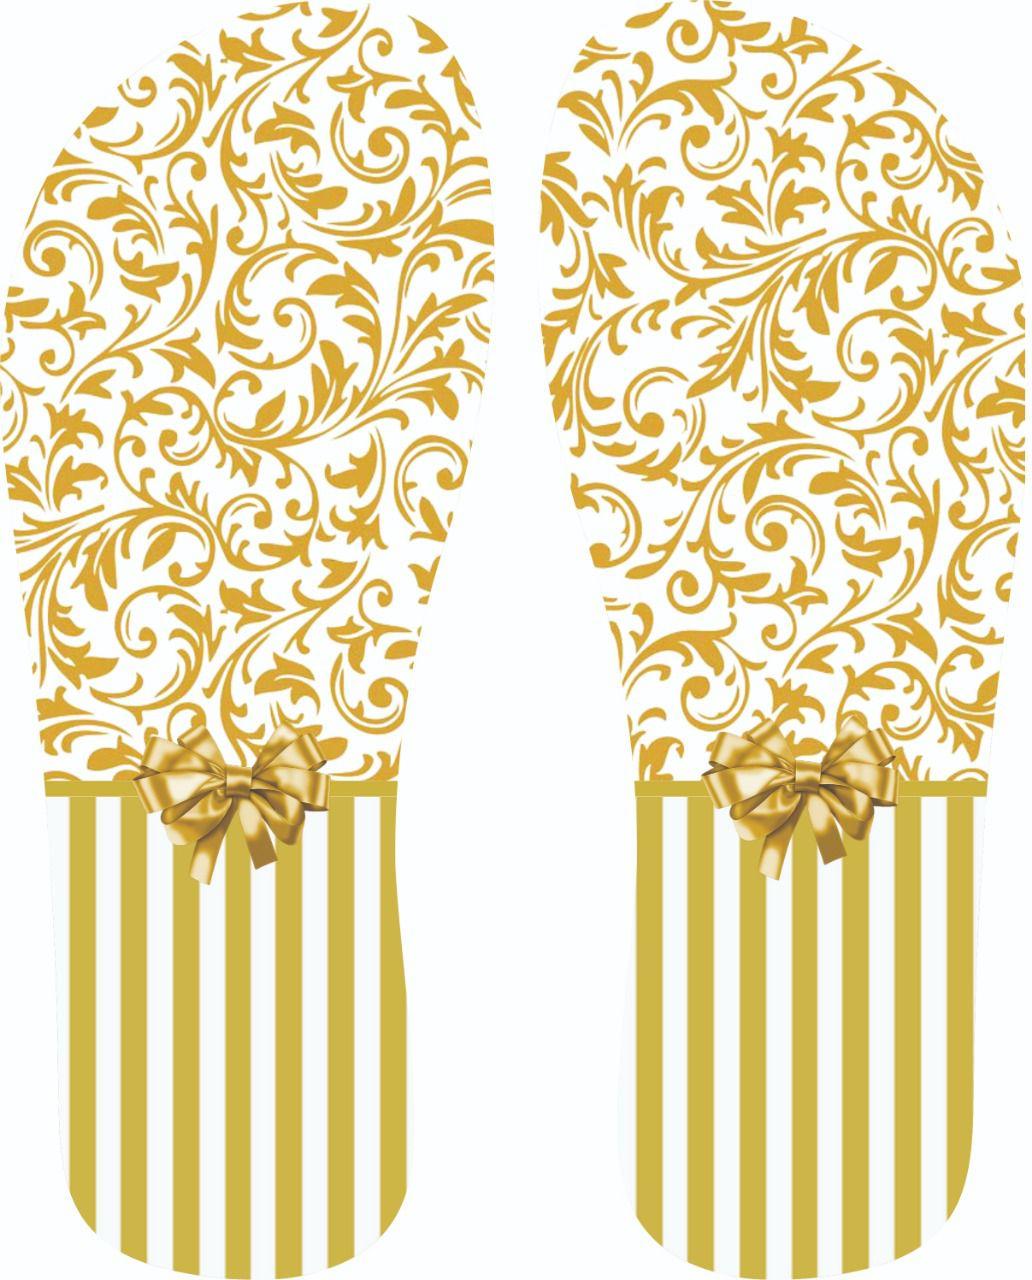 30 Quadrados de Borracha Top+ Estampado + Brinde de 30 pares de alças - Modelo Casamento Ouro  - INBOP - Indústria de Borrachas e Polímeros